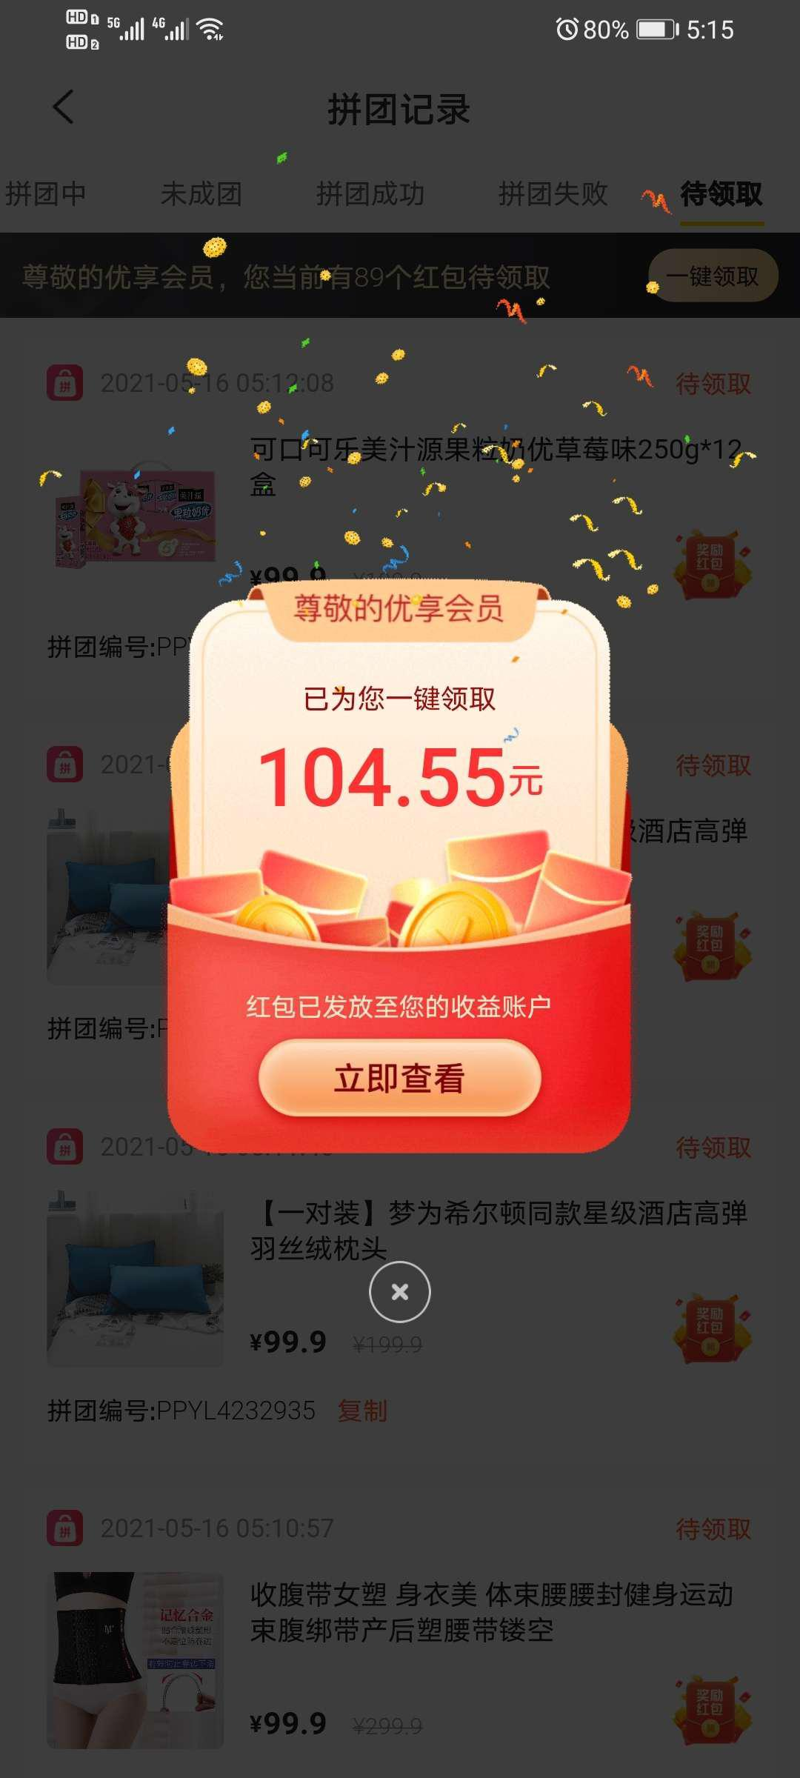 拼拼有礼app0撸长期项目【日撸30-100+】